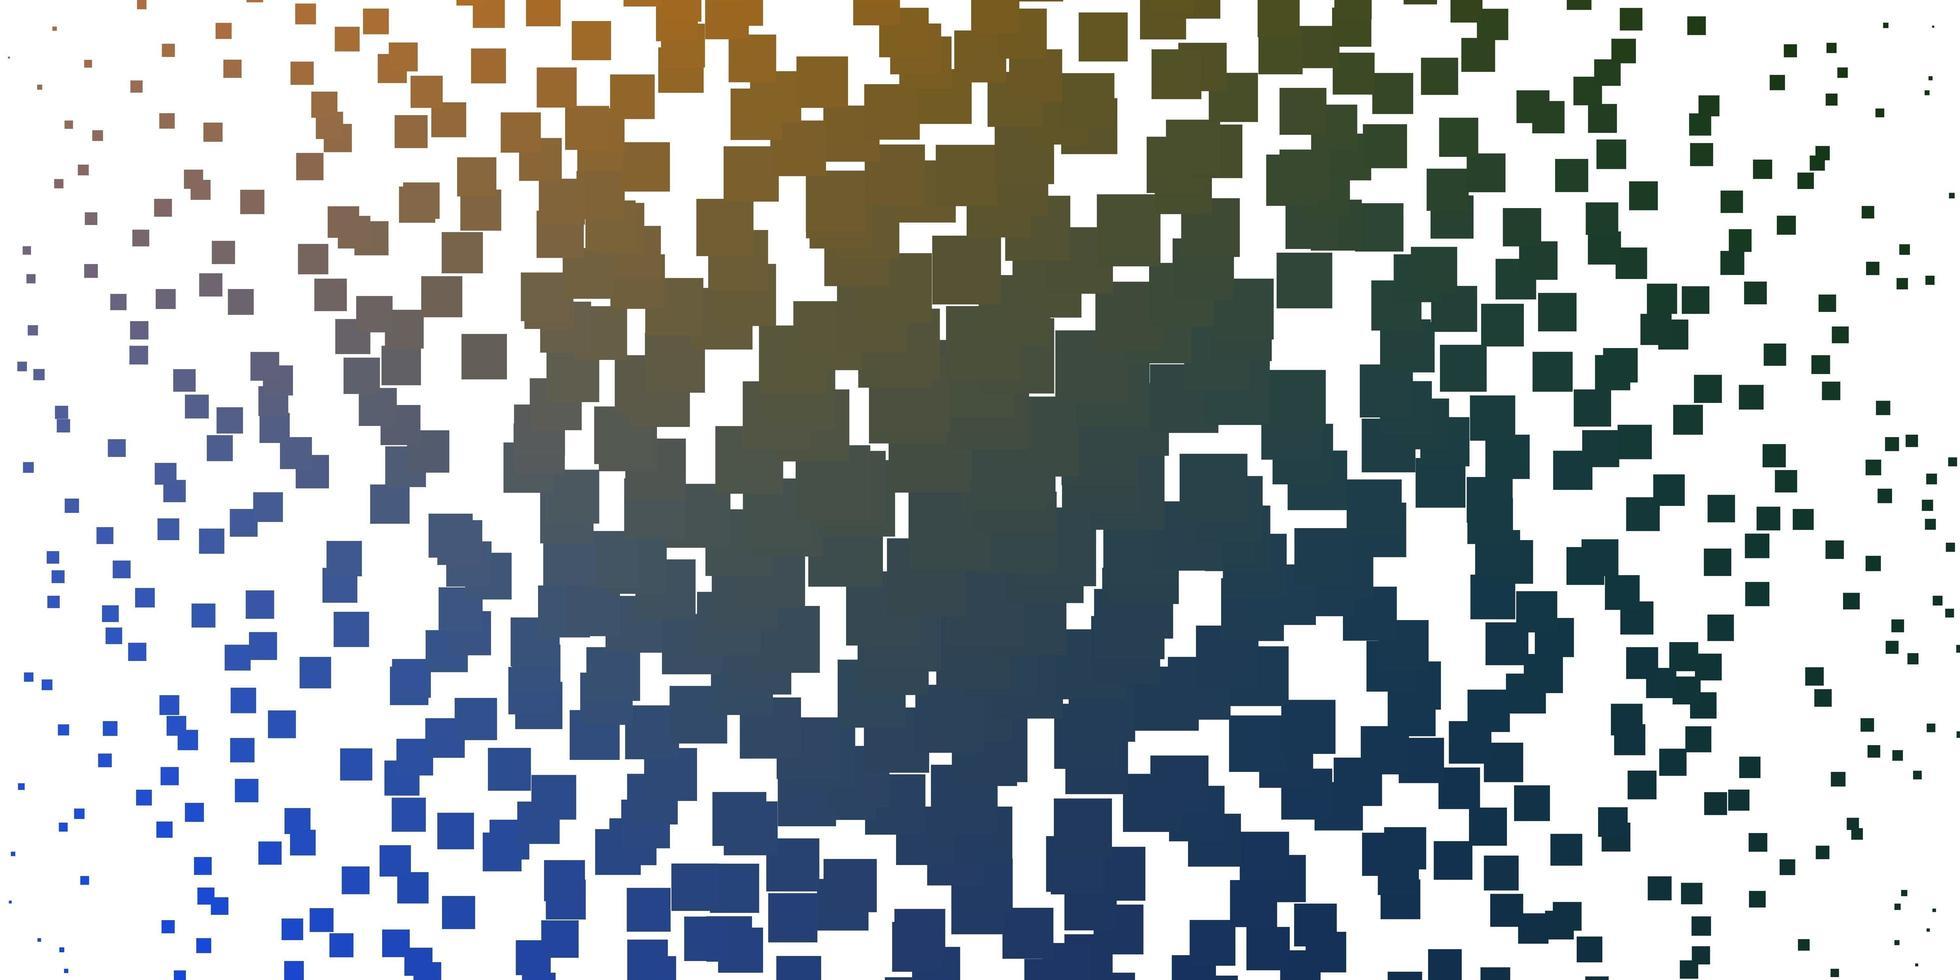 plantilla azul claro, amarillo con rectángulos. vector